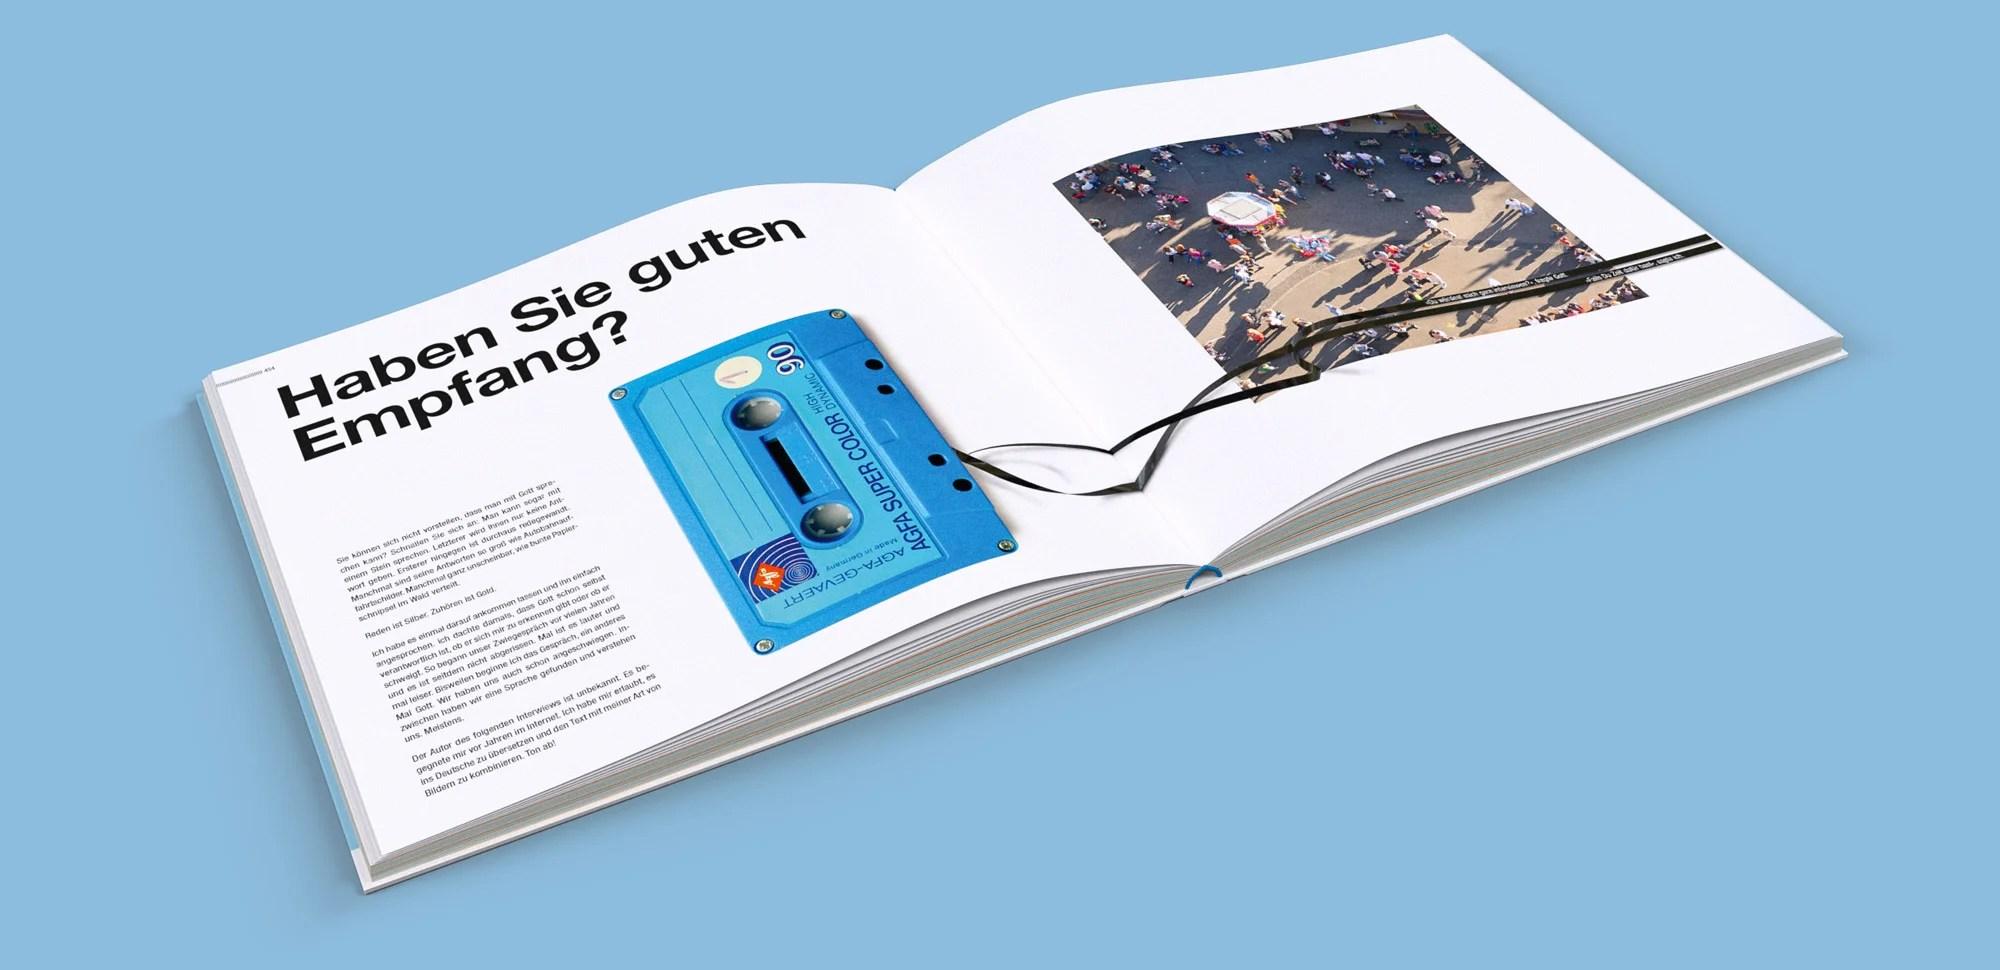 Alltagstourist, Buch, Eva Jung, Reisen, Fotografie, Inspiration, Philosophie, Gott, unterwegs sein.